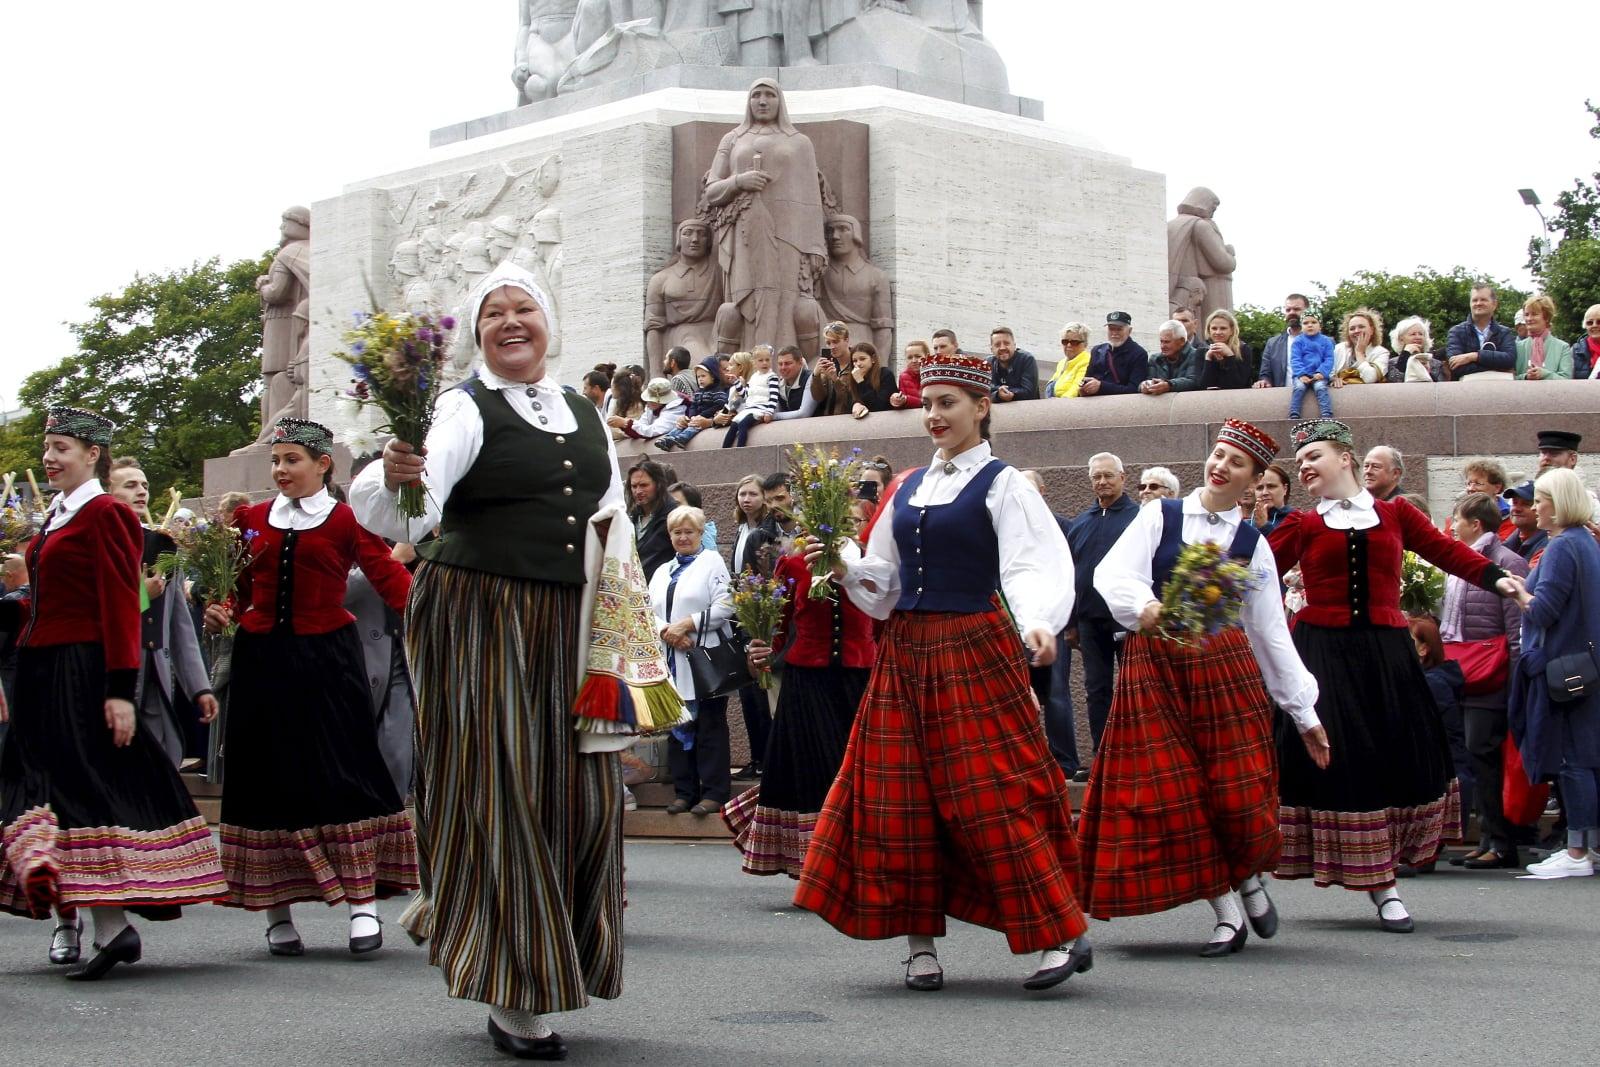 Festiwal Piosenki i Tańca Tradycyjnego na Łotwie fot. EPA/TOMS KALNINS